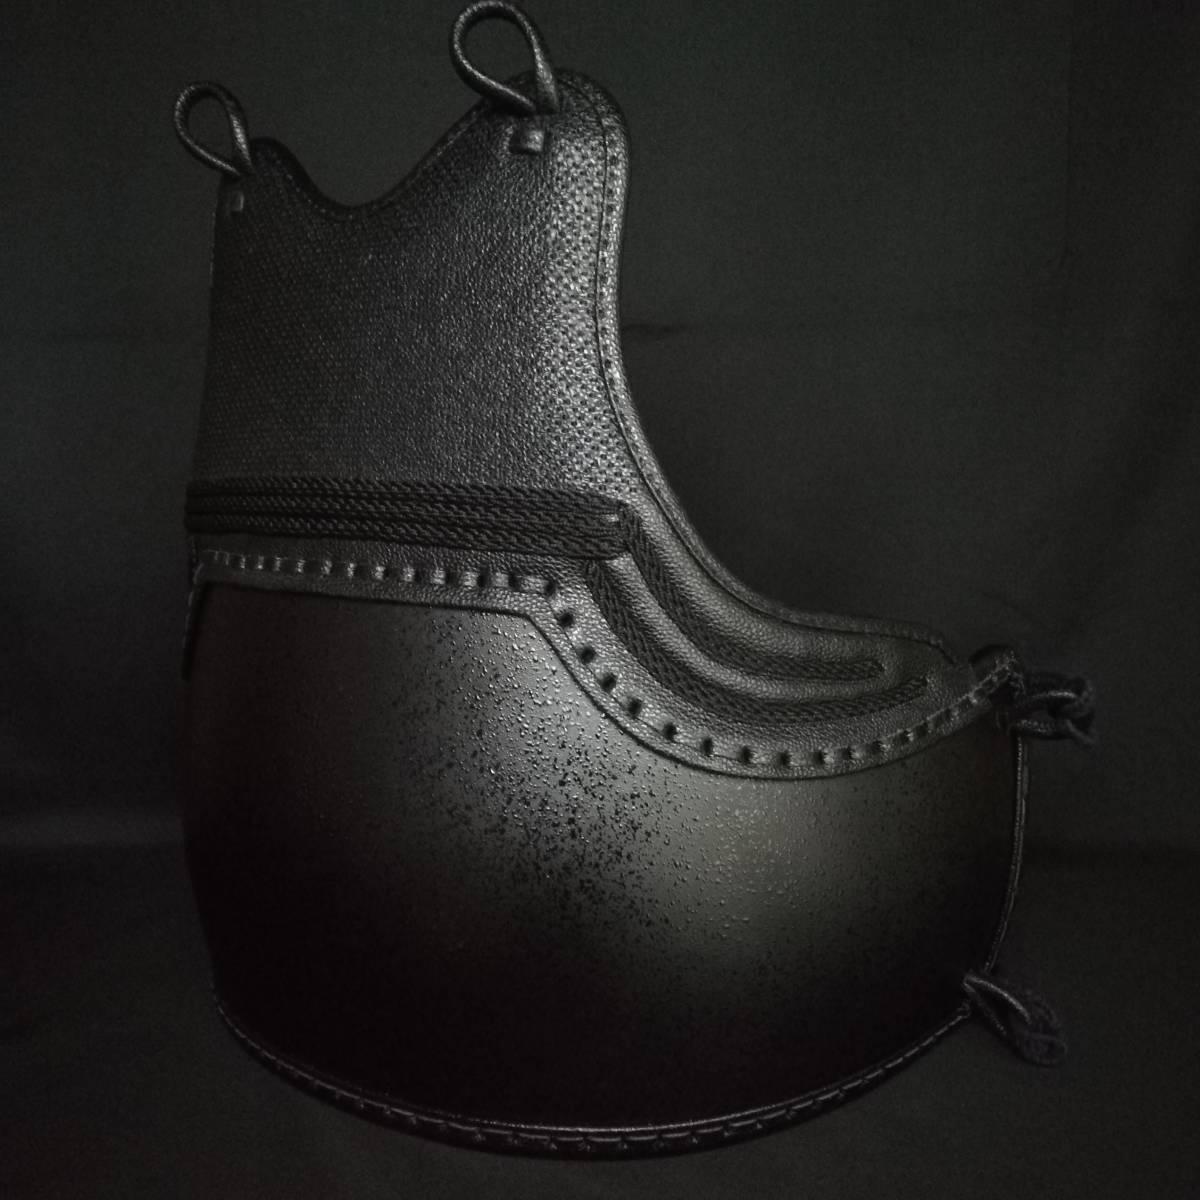 黒石目50本型胴 ベタナナメ刺 胸は腕の動きを妨げないえぐり仕様 サイズM/L 胴紐付き 新品未使用_画像3